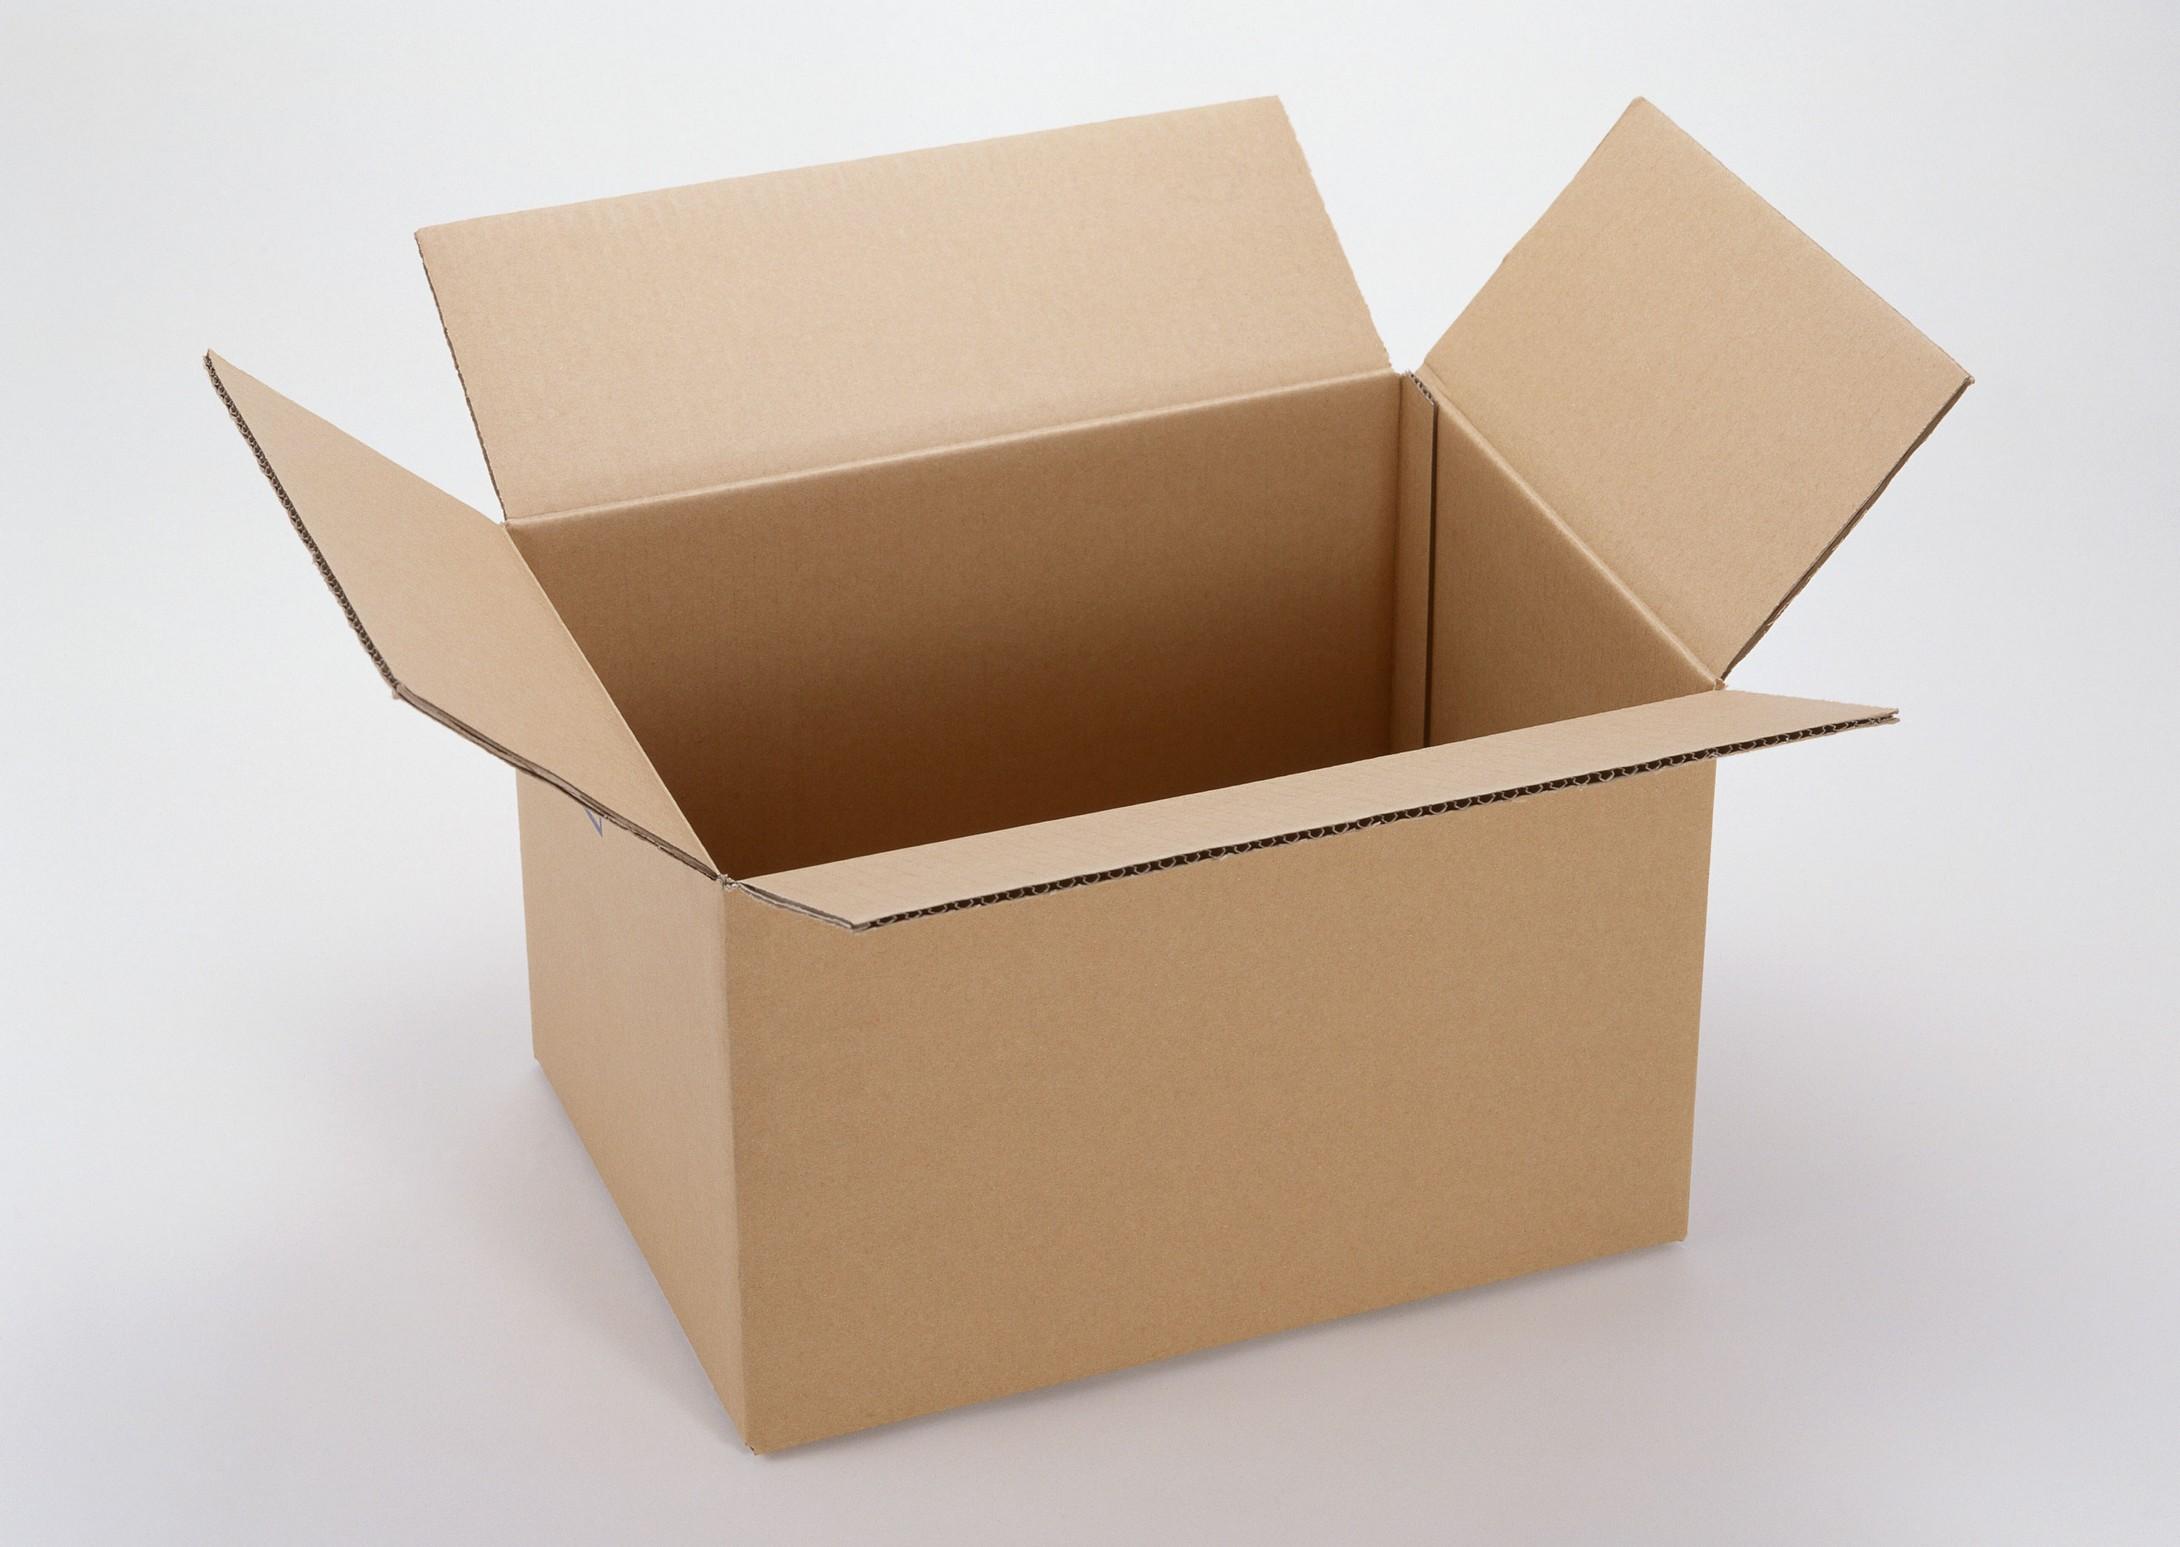 黑龙江纸箱厂包装厂联系电话_彩盒裱纸走位造成表面粘花、脏污及模切走位等解决方法